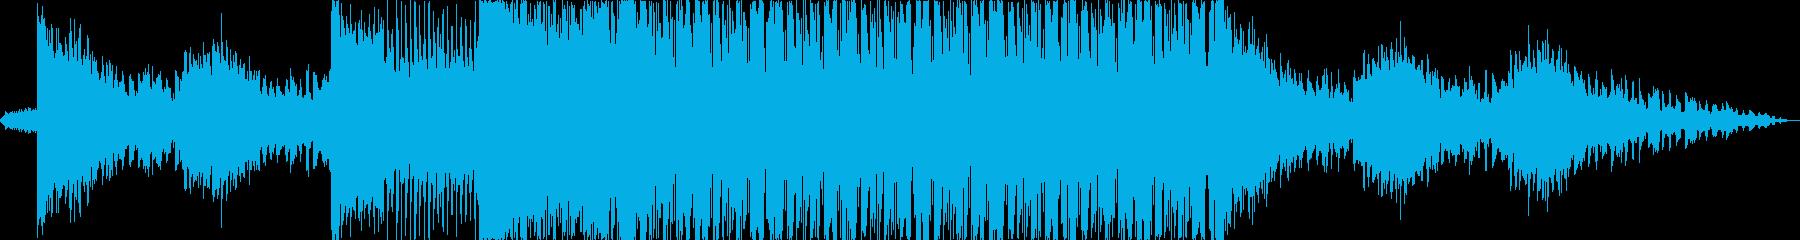 映像やCM向けのCyberDubstepの再生済みの波形